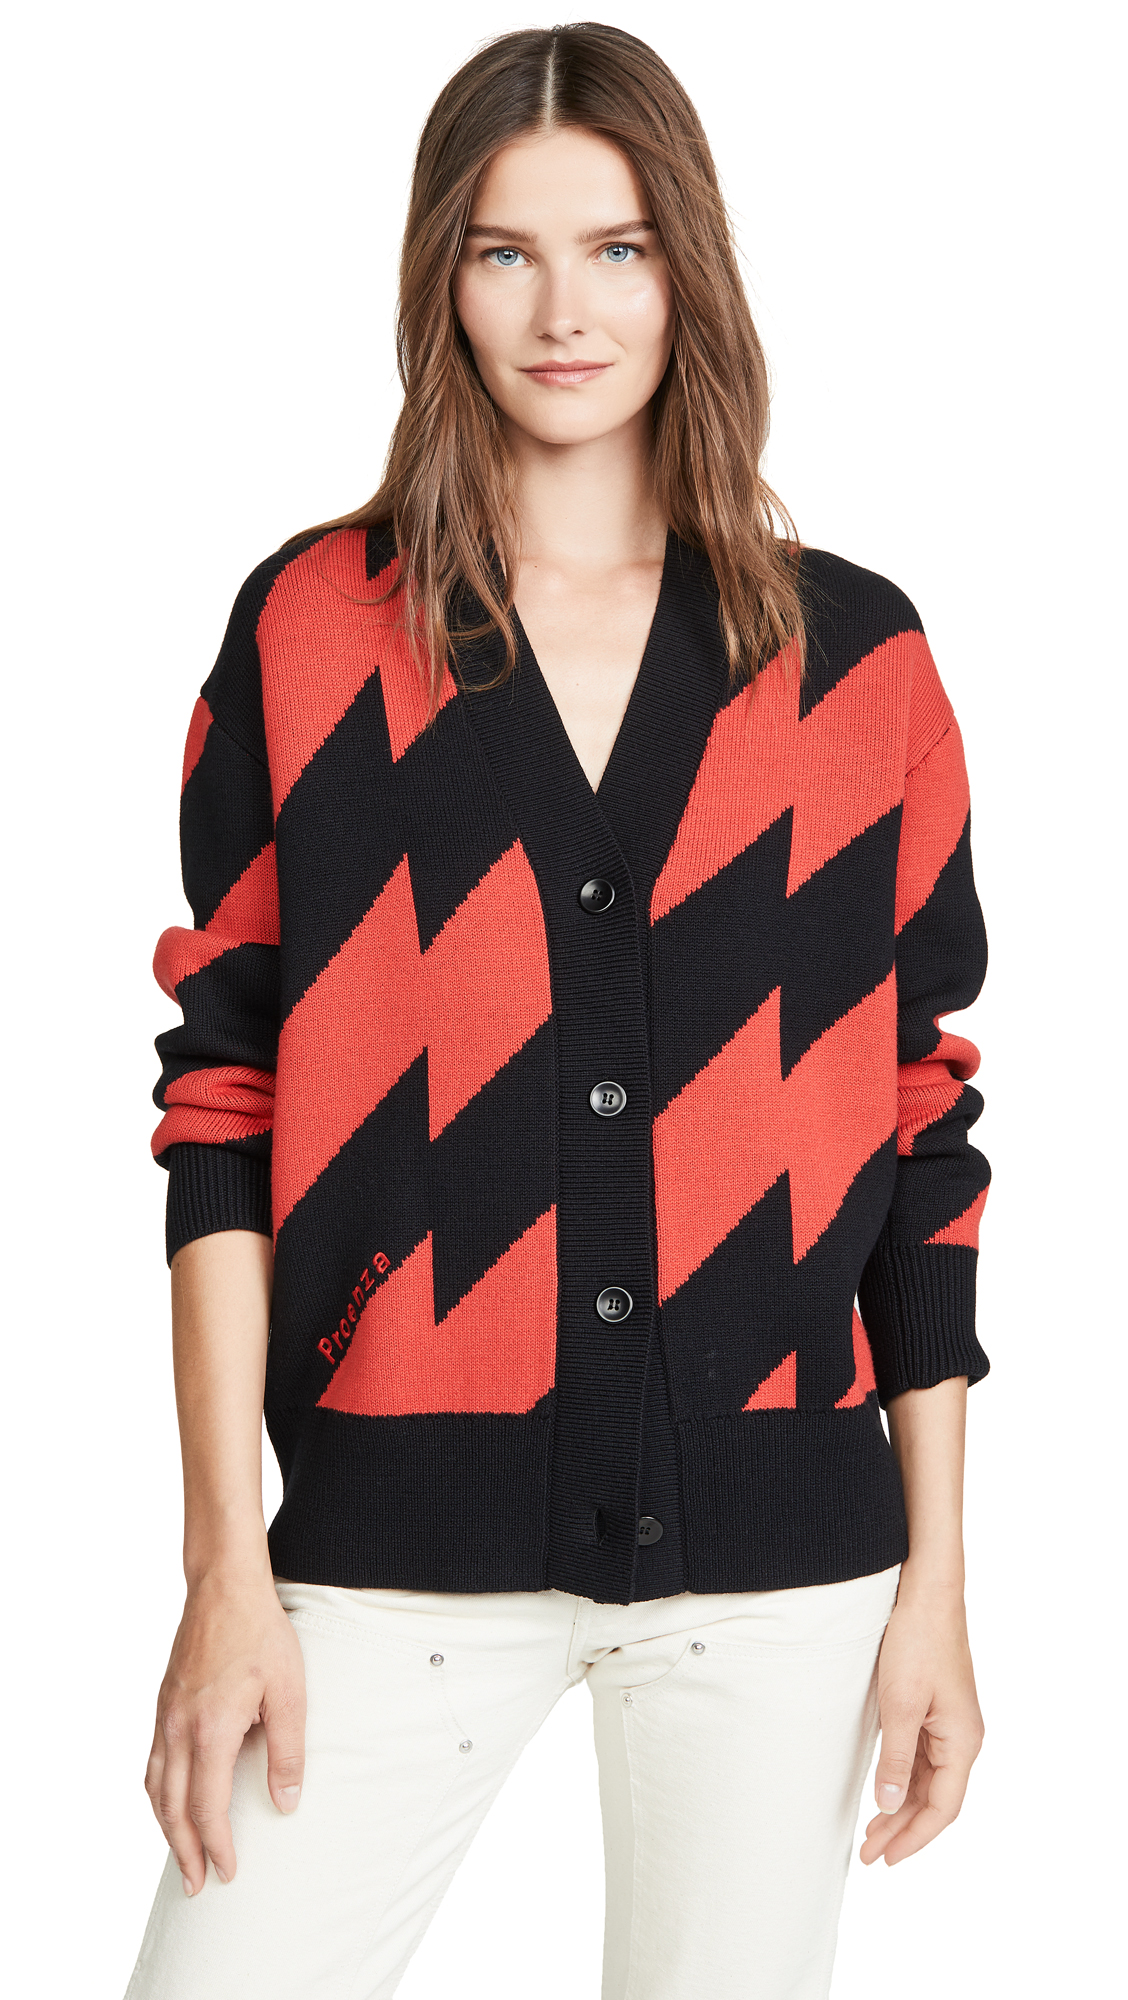 Buy Proenza Schouler White Label online - photo of Proenza Schouler White Label Jacquard Knit Cardigan